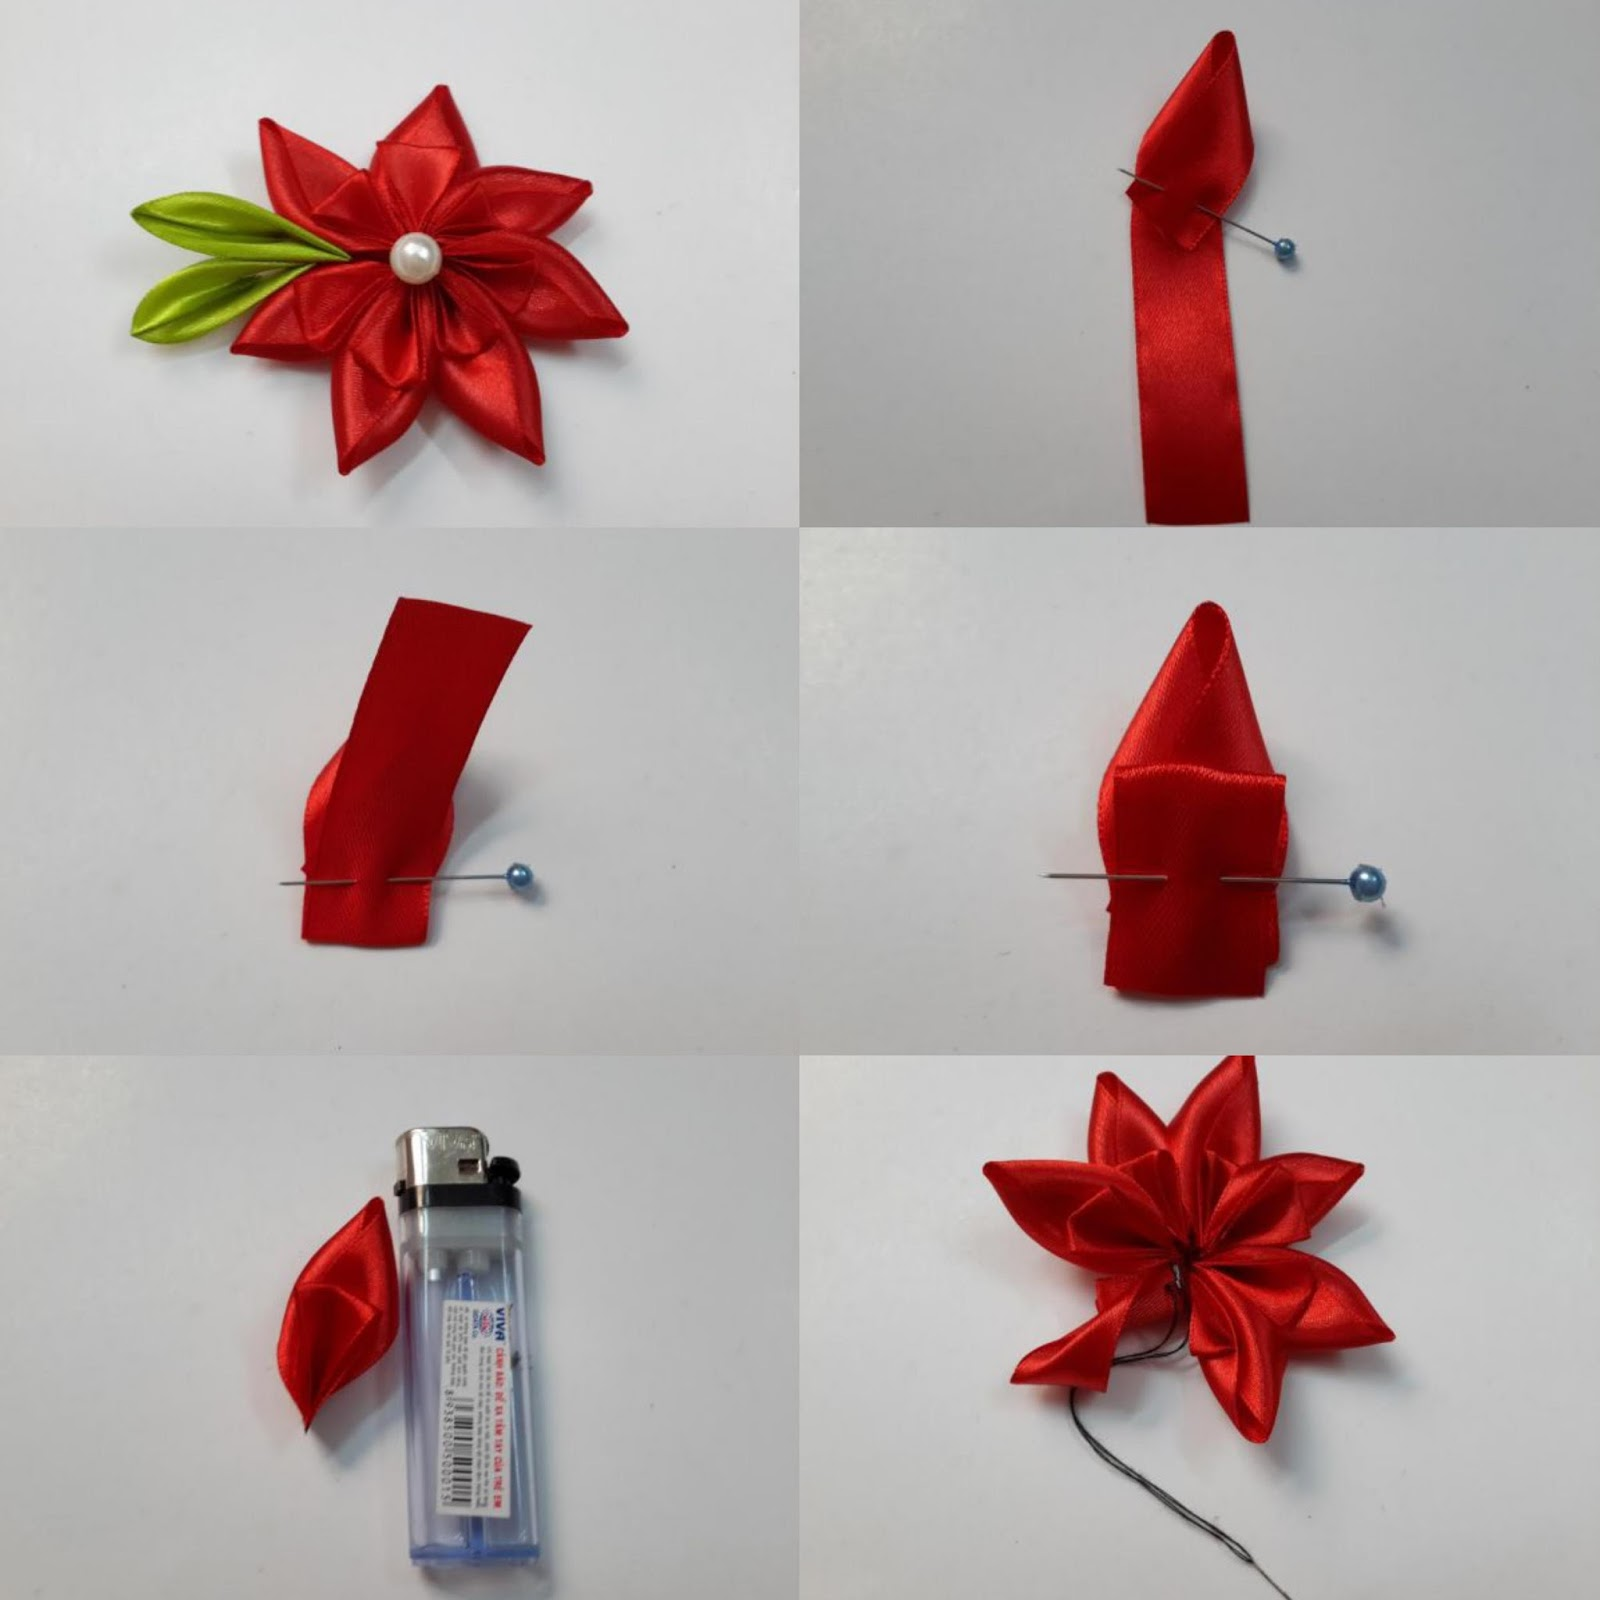 Como Hacer Rosas Con Lazos Lazo Navidad With Como Hacer Rosas Con  ~ Lazos De Cinta De Raso Paso A Paso